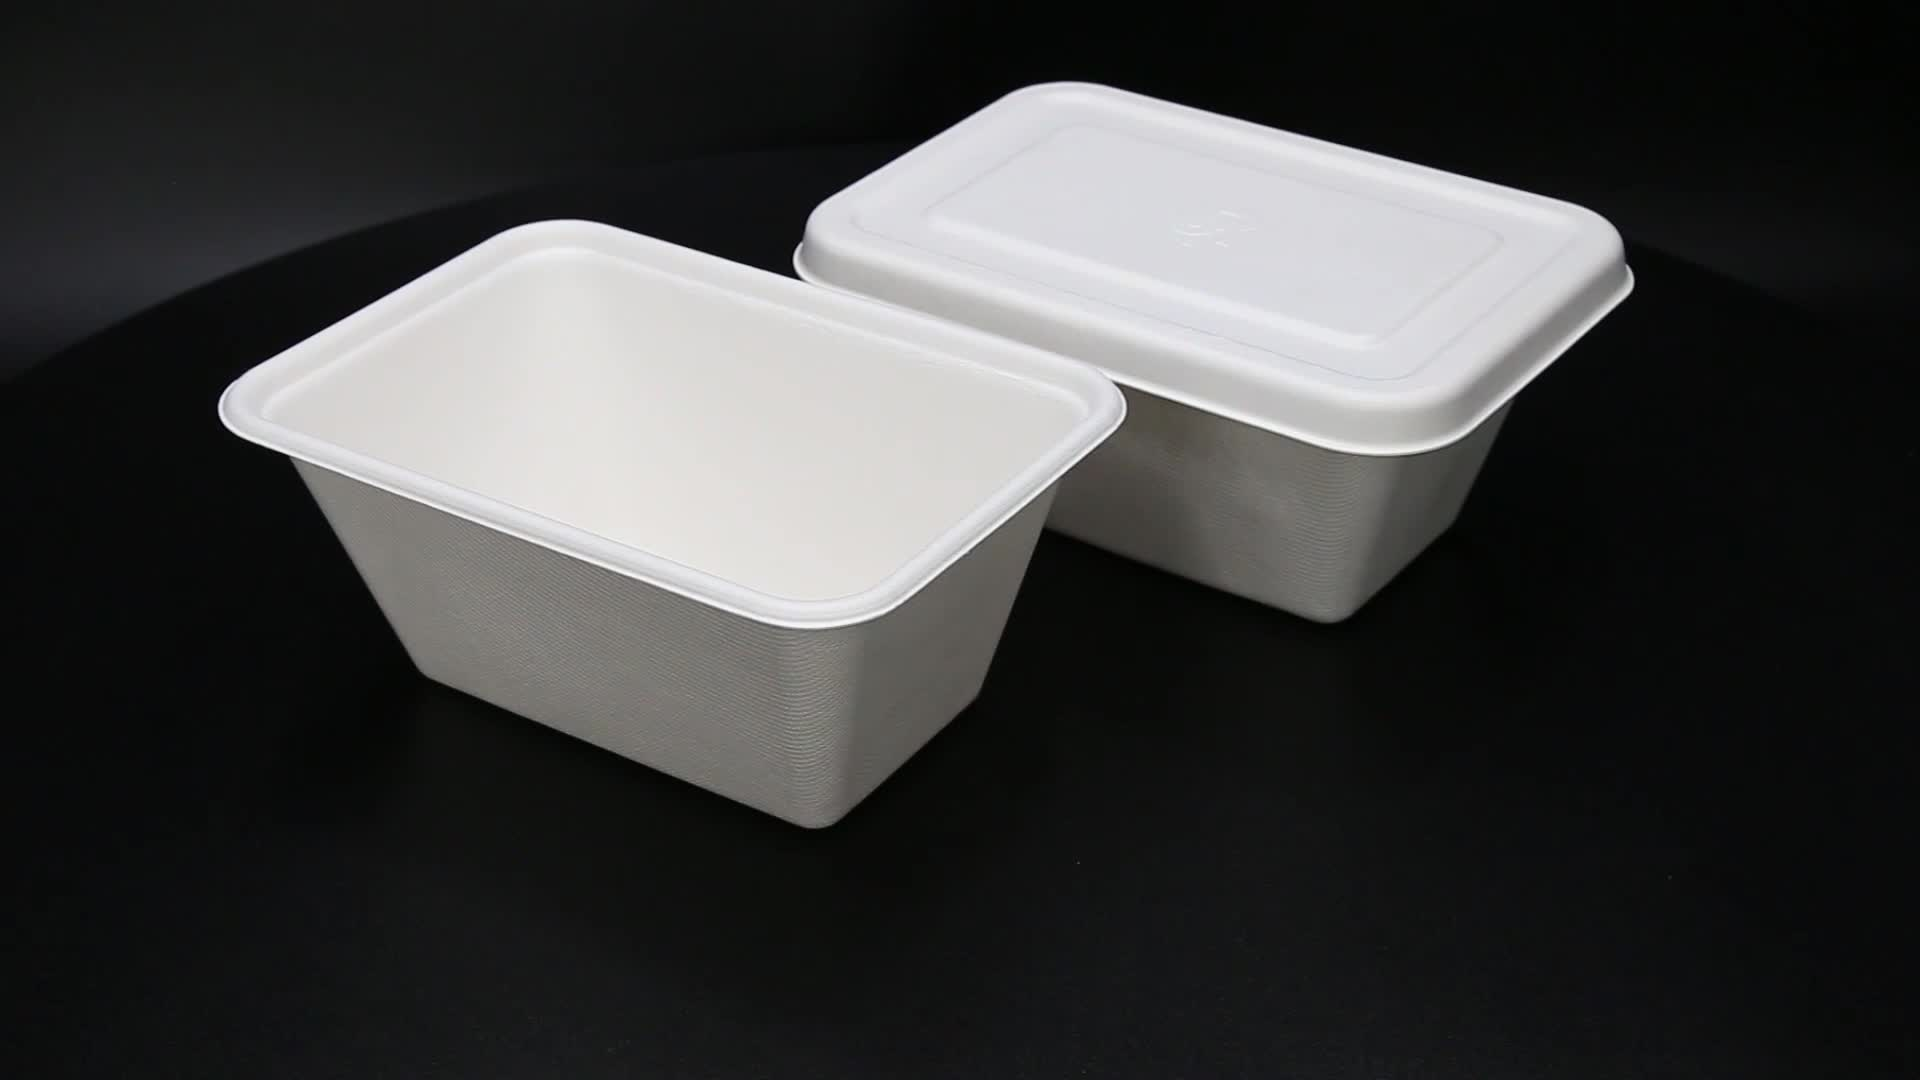 750m Canne À Sucre Bagasse de Préparation de Repas Bento Sortir carré boîte à lunch Contenant des aliments avec couvercle